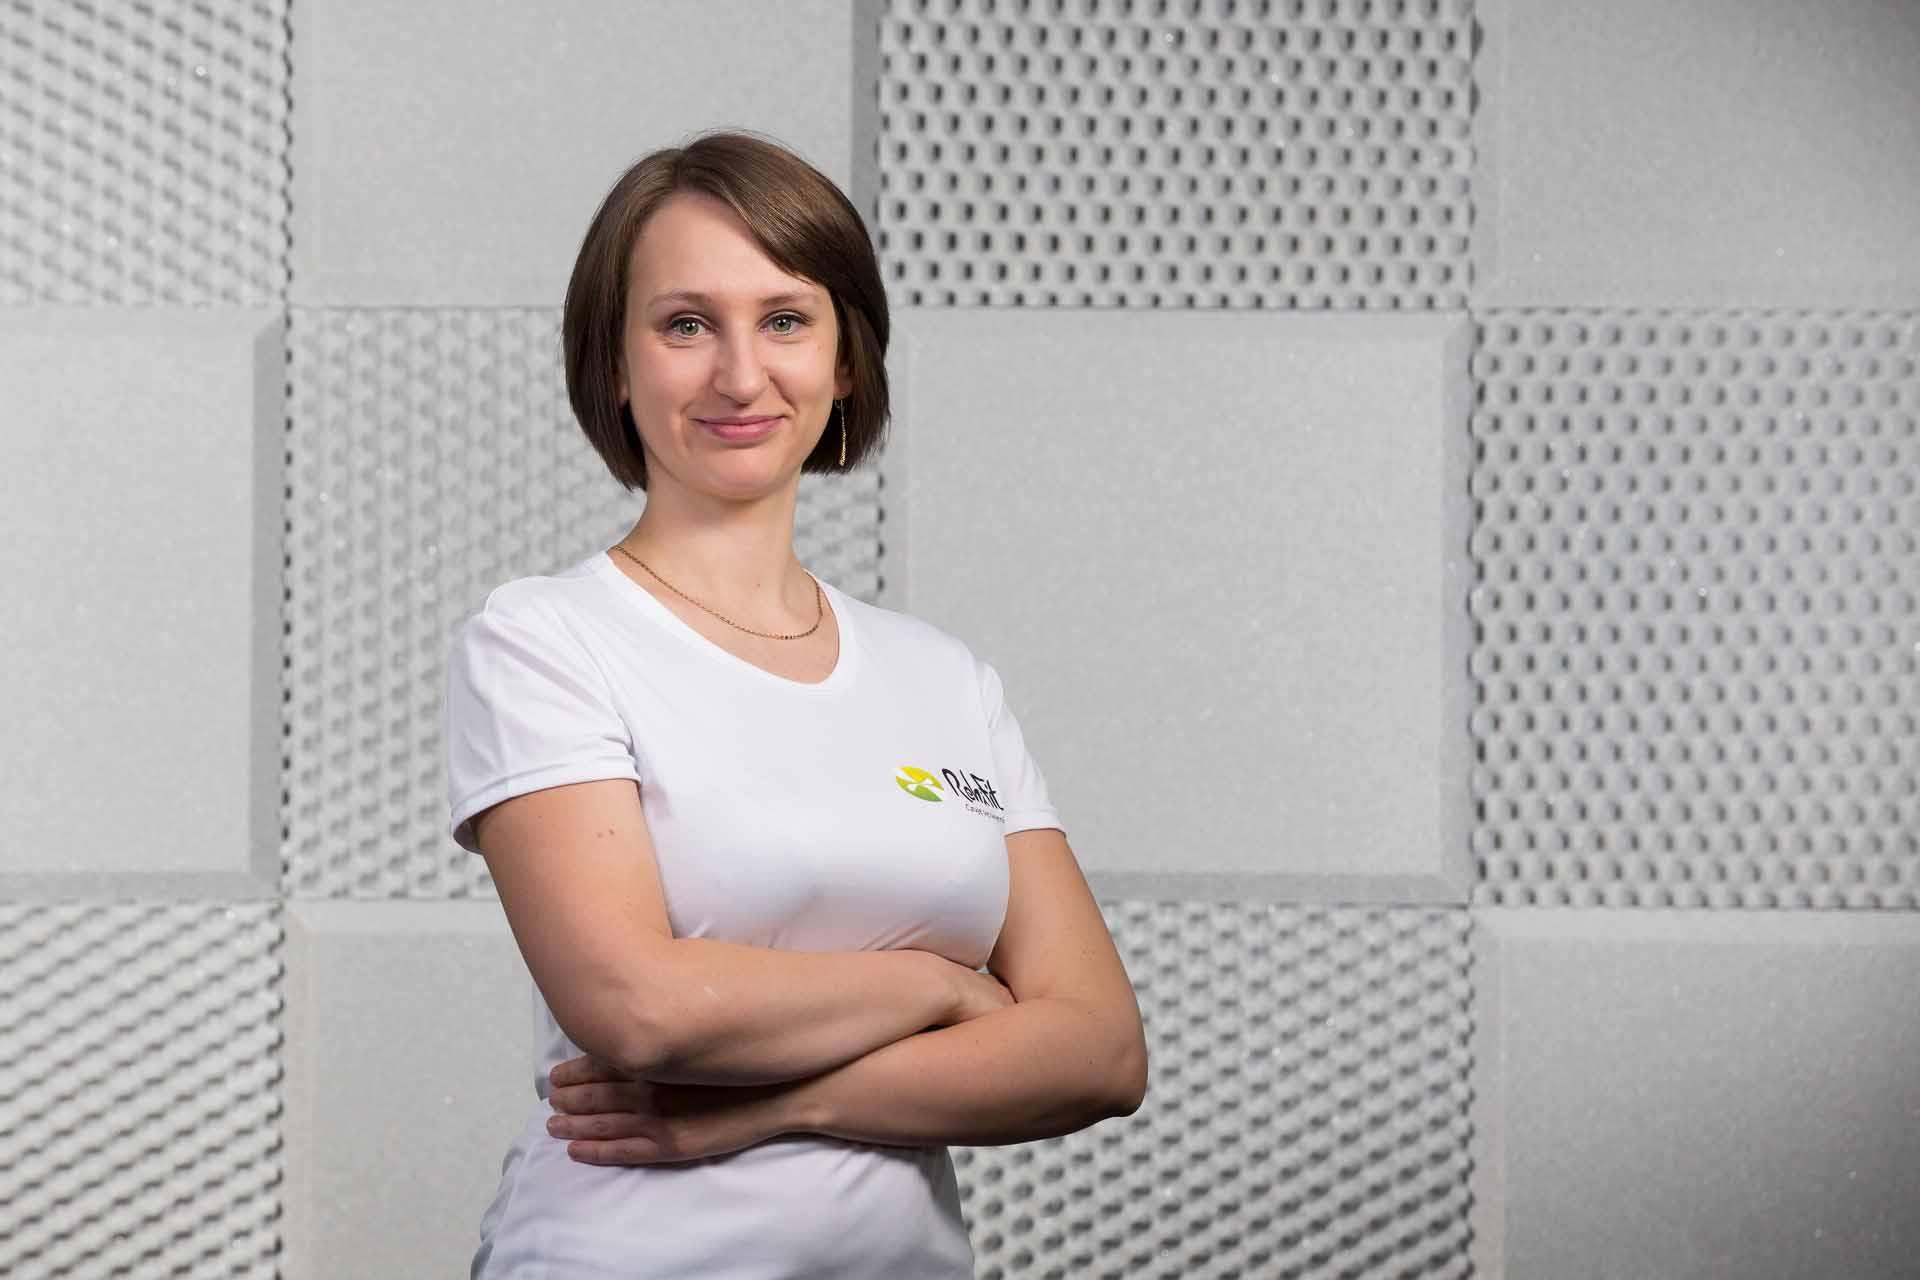 Doświadczona fizjoterapeutka Marta Kucia-Moczulska specjalizująca się w terapii manualnej z centrum RehaFit we Wrocławiu.